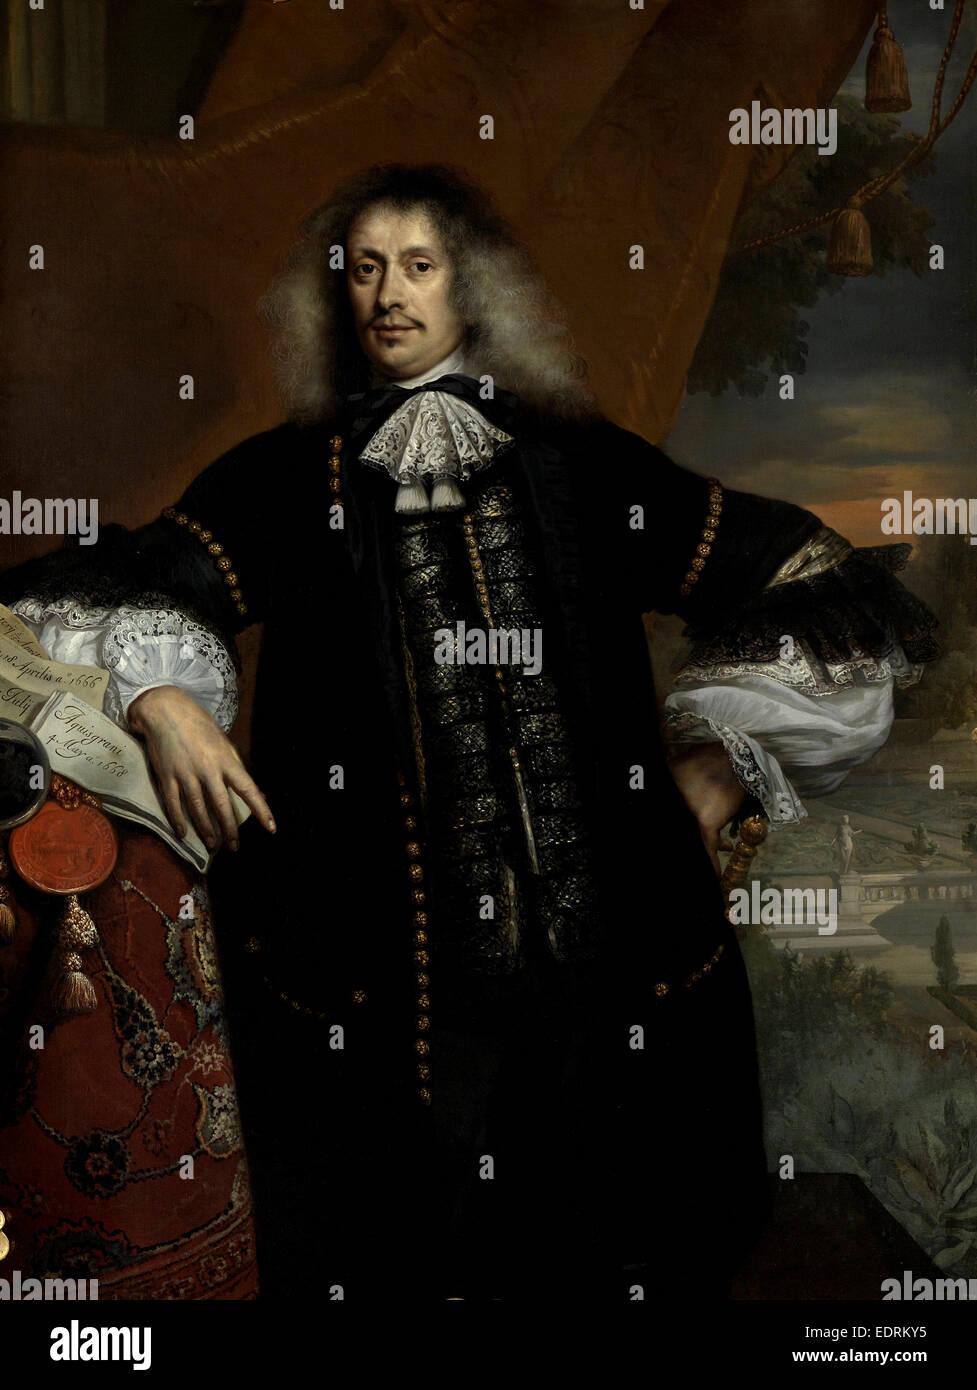 Hieronymus Van Beverningk, Jan de Baen, 1670 Photo Stock